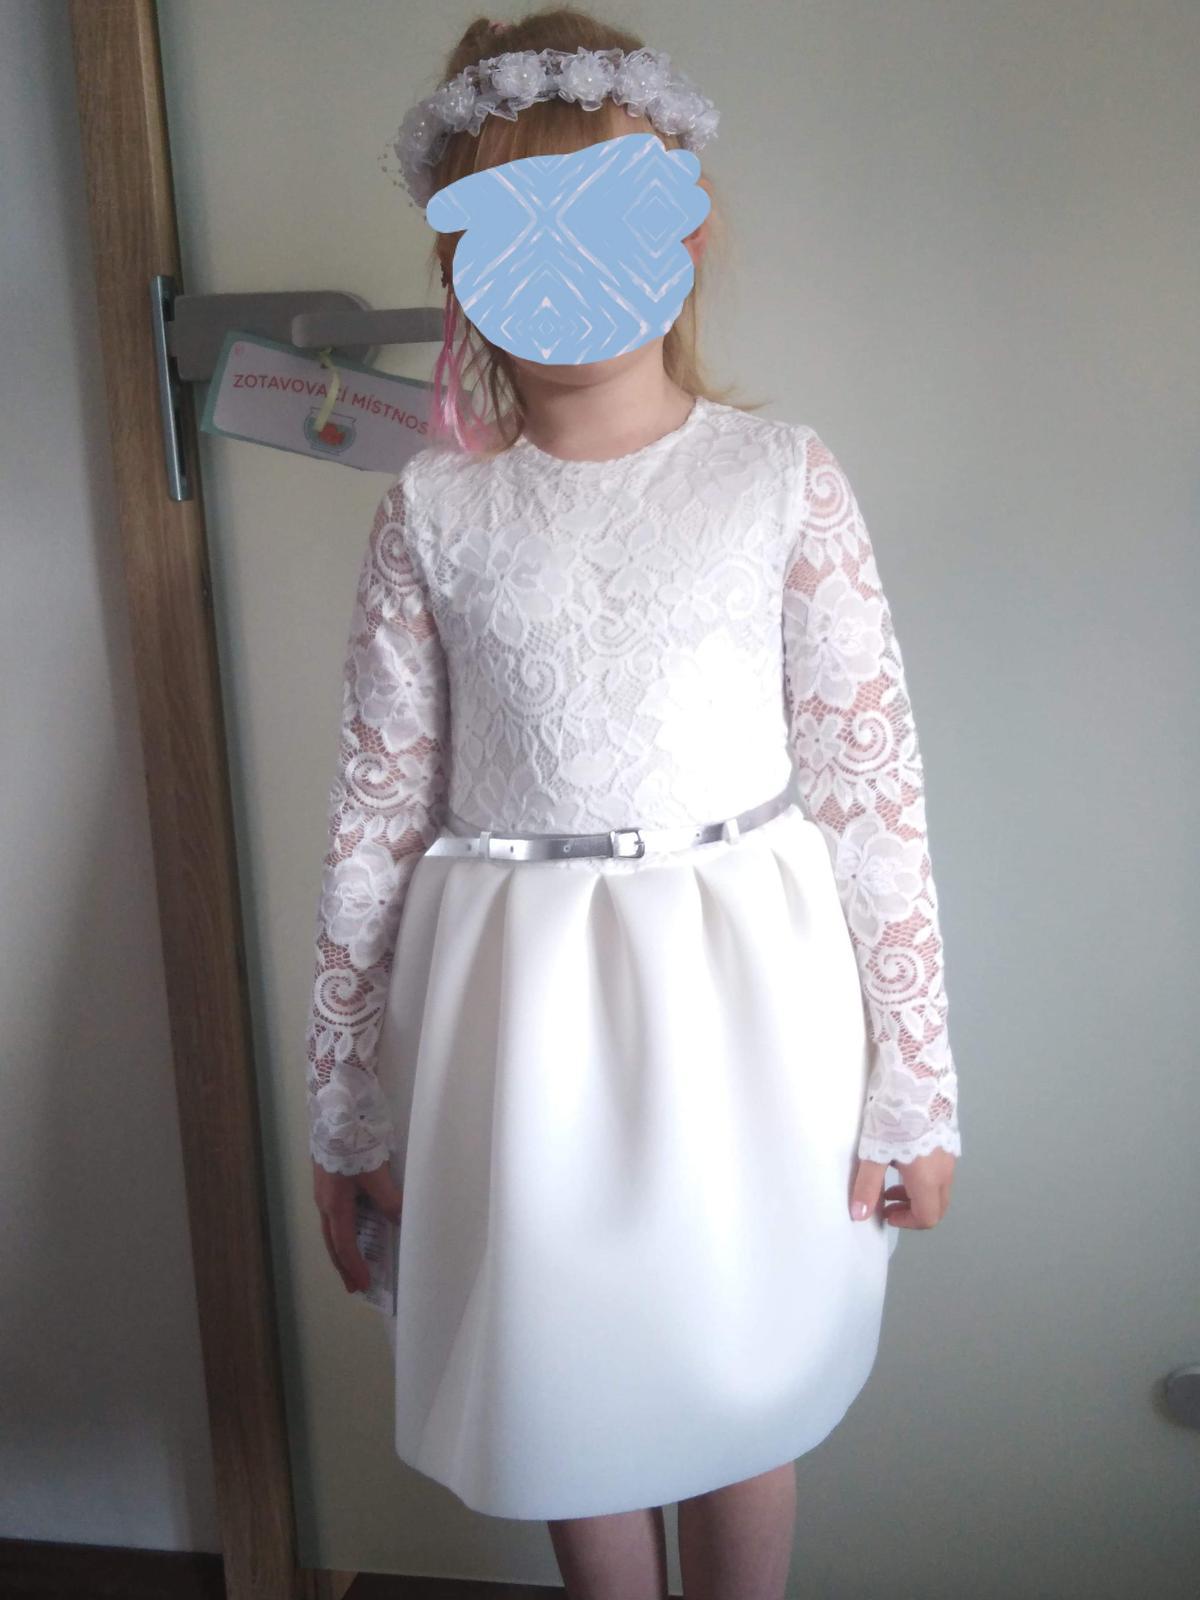 Šaty s visačkou - Obrázek č. 1